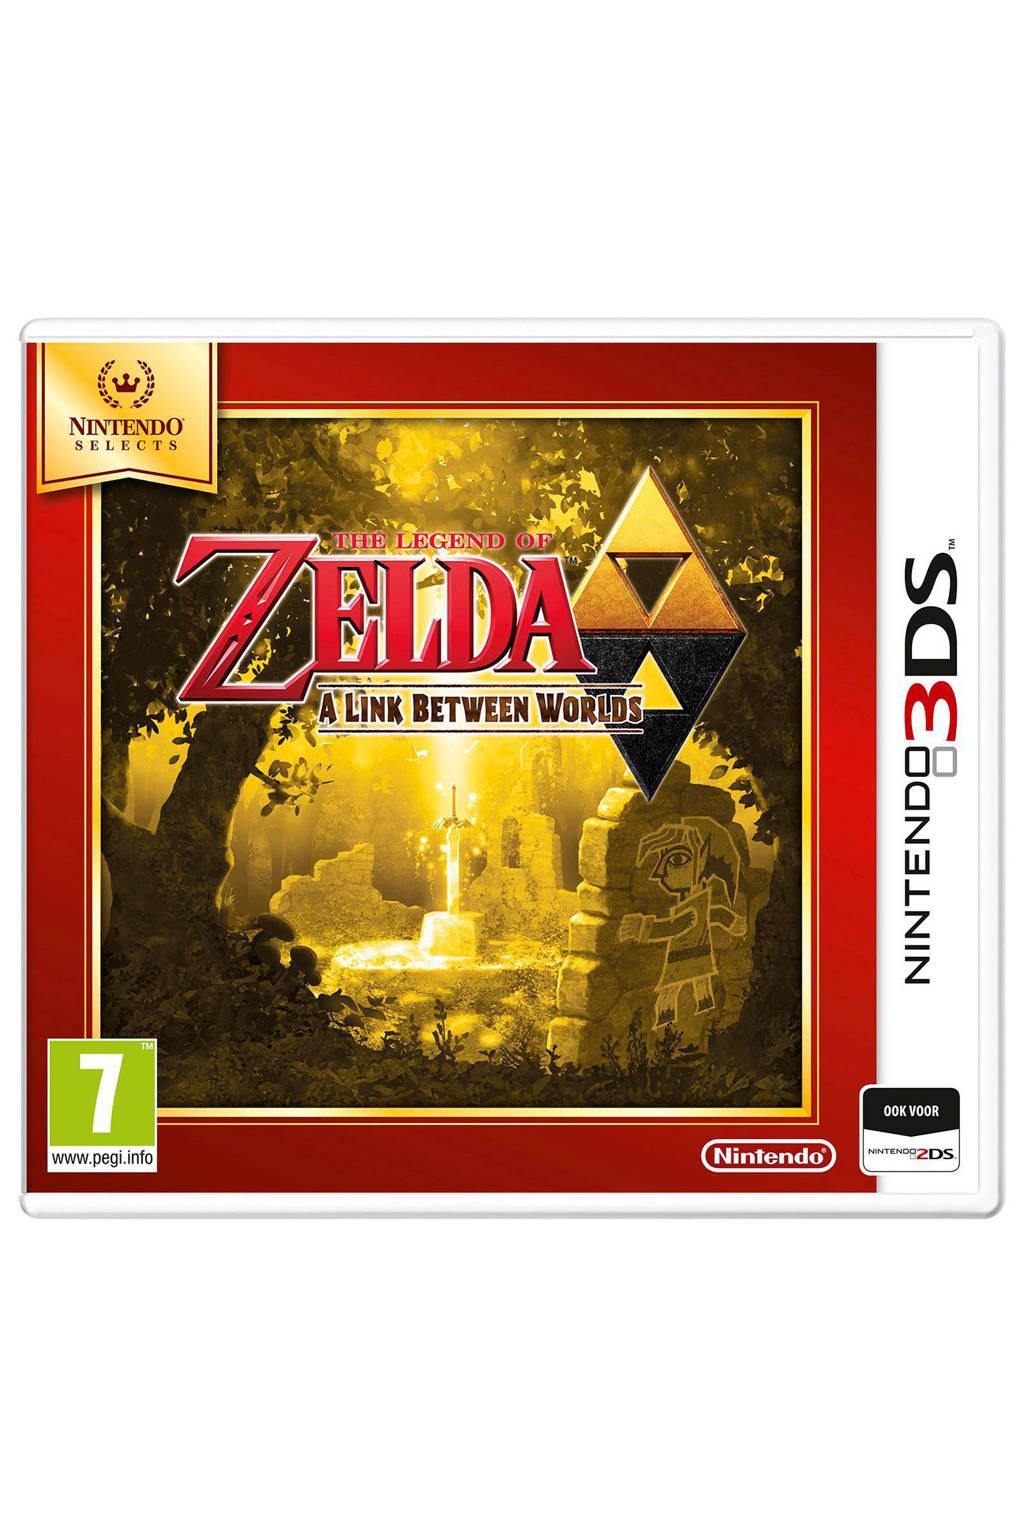 Legend of Zelda: A link between worlds (Nintendo 3DS)